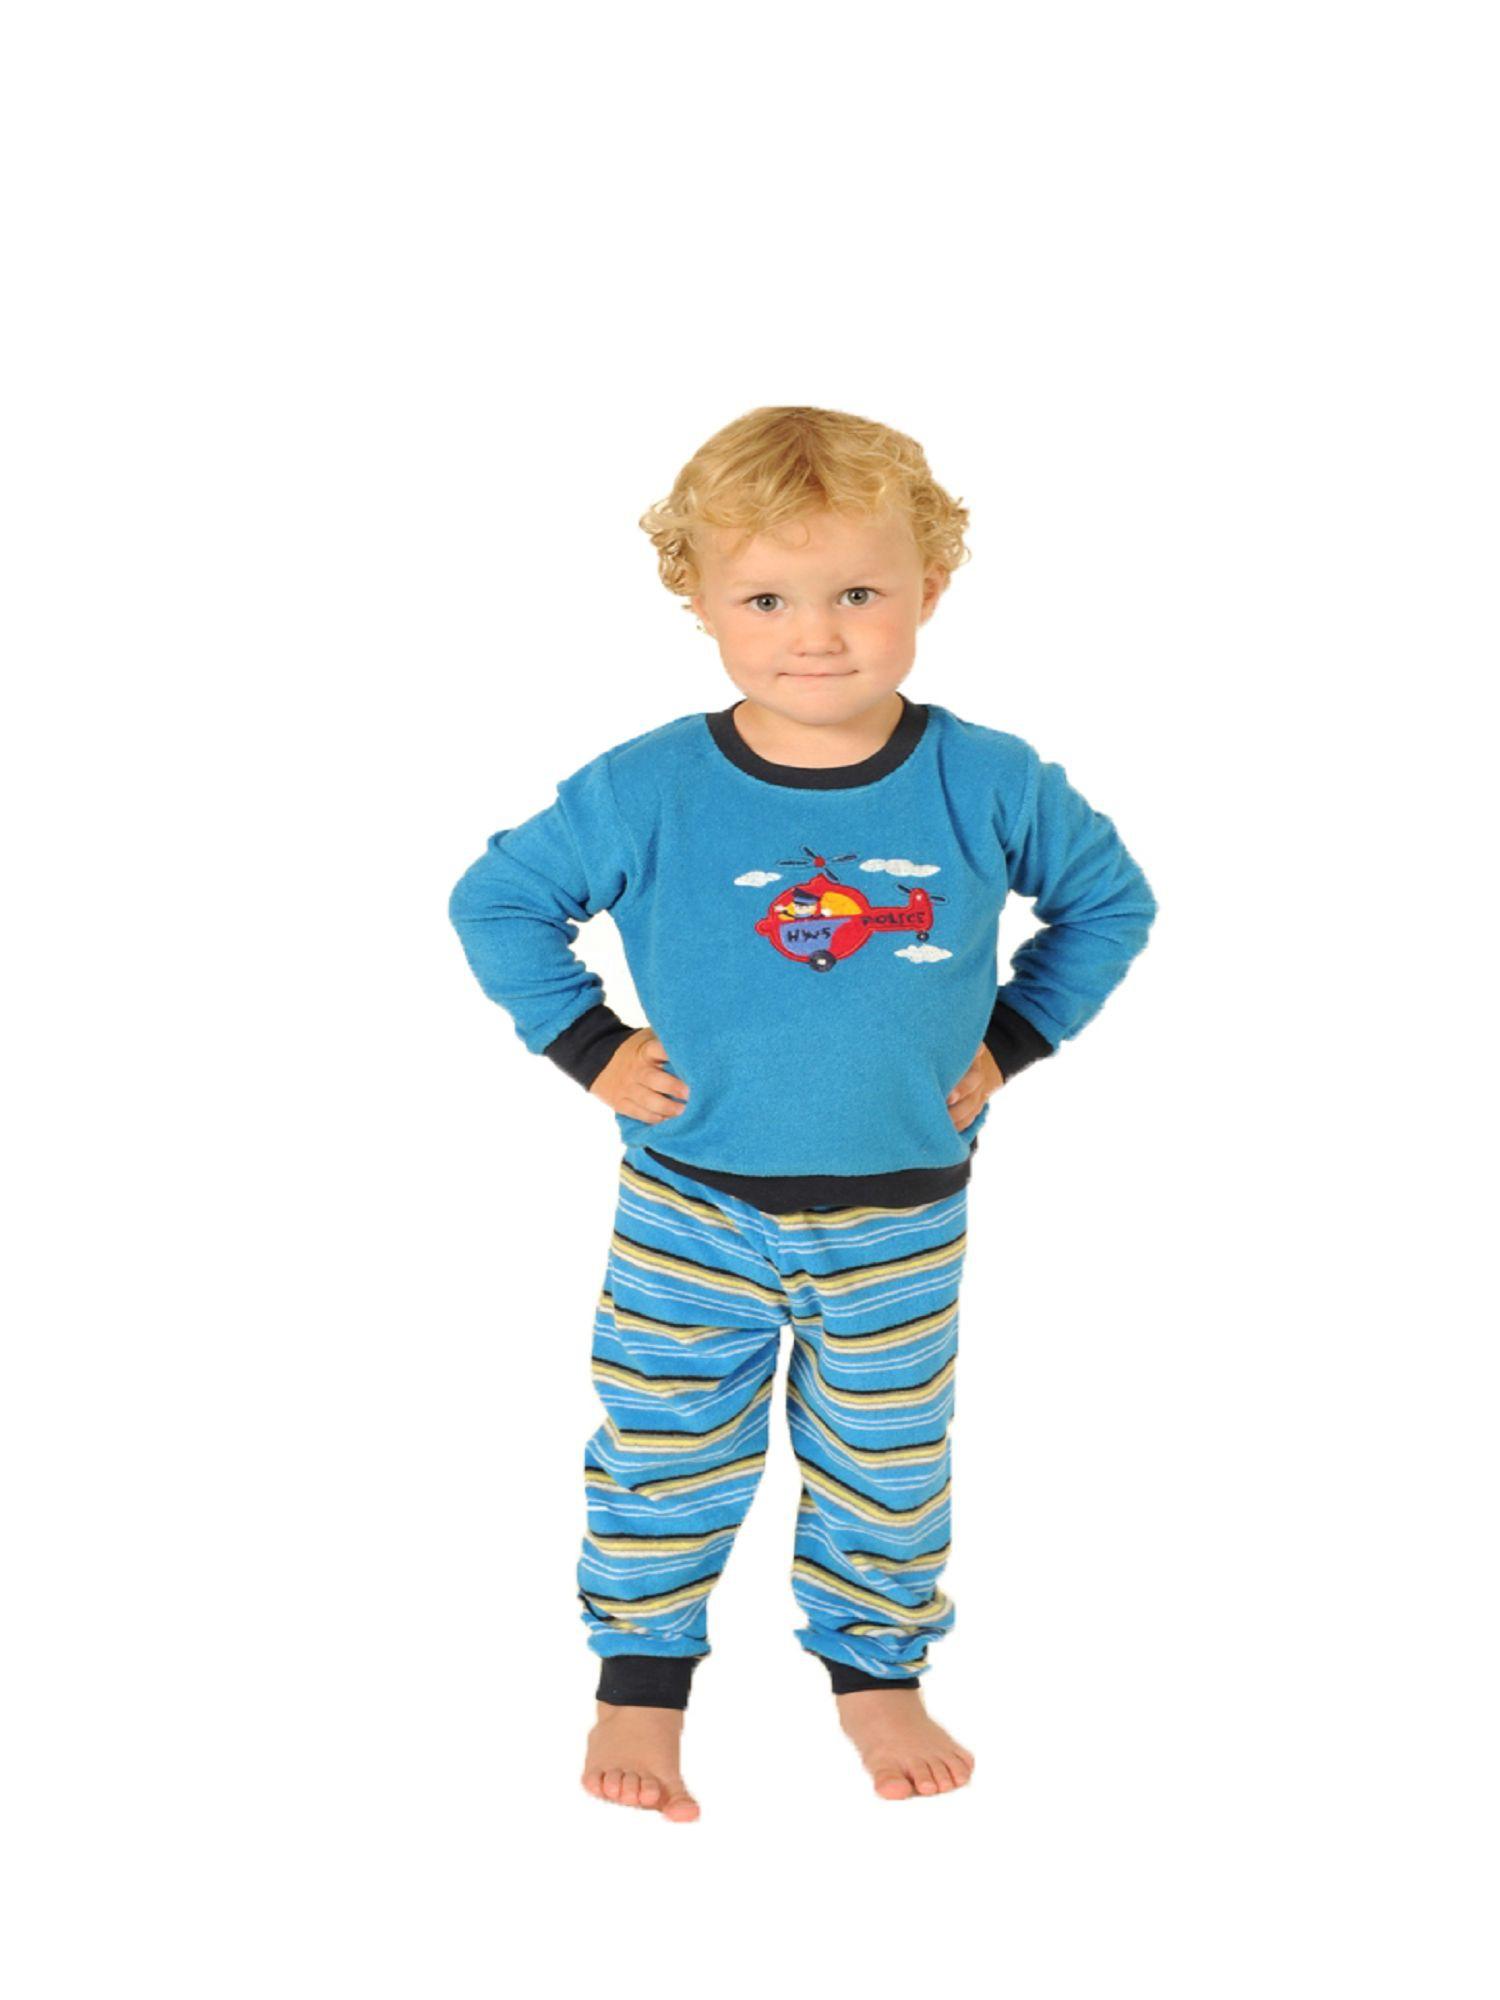 Jungen Frottee Schlafanzug Pyjama mit Bündchen und Hubschrauber als Motiv  53209 – Bild 1